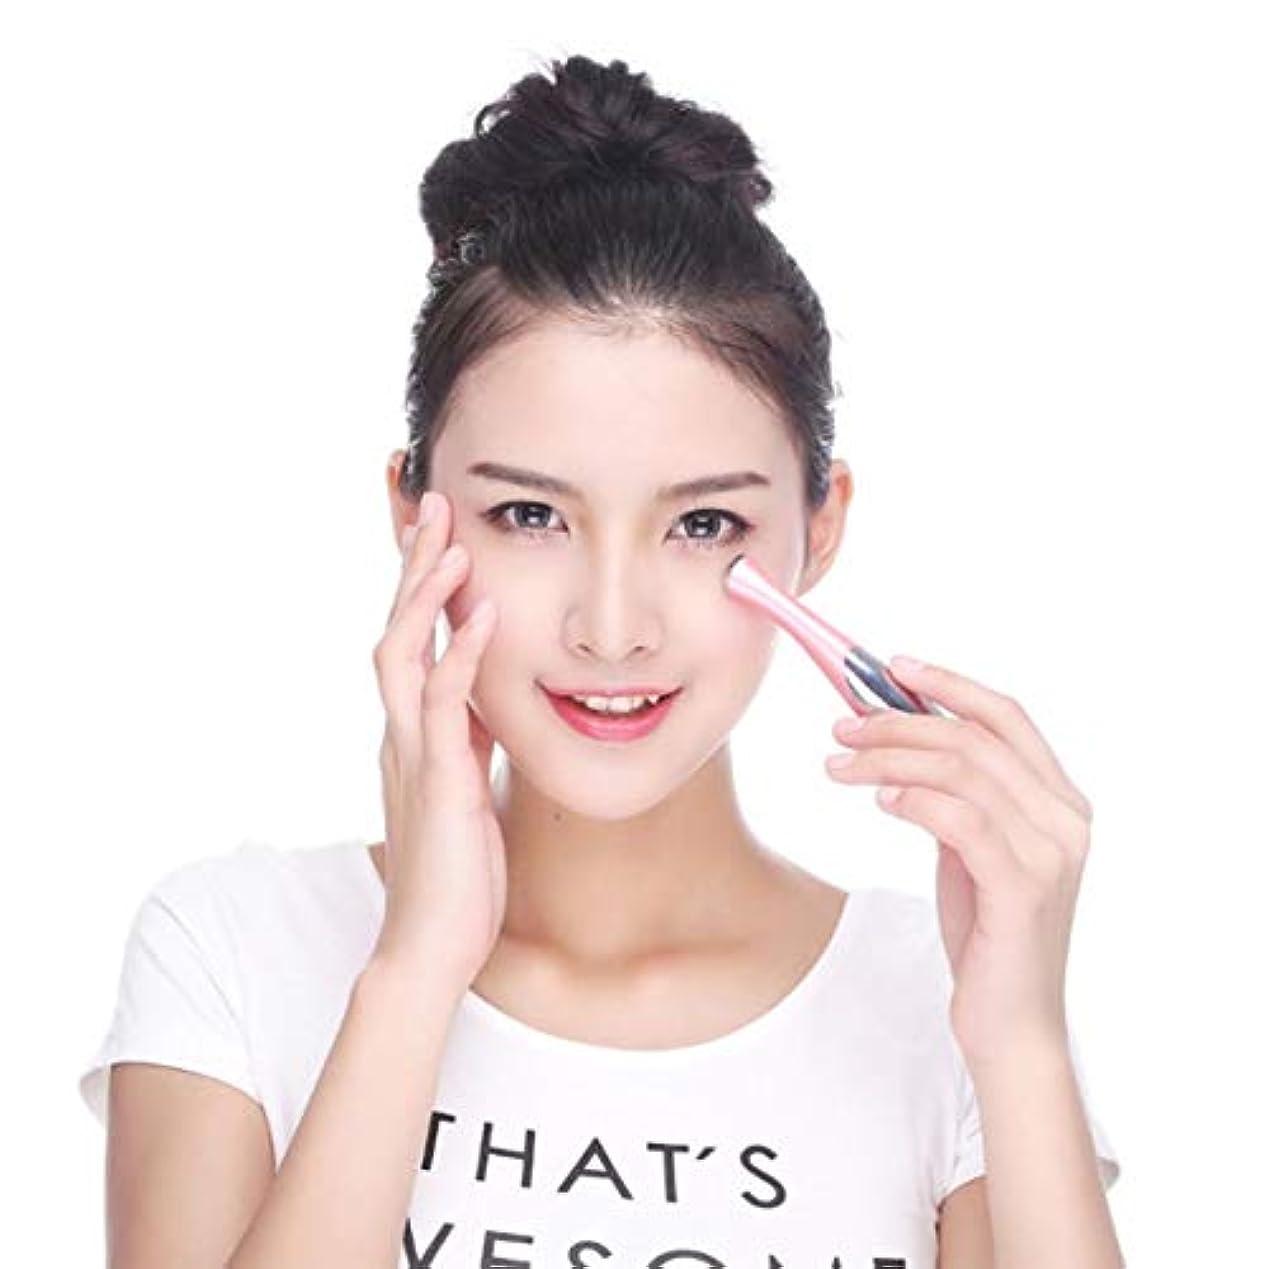 がっかりしたがっかりしたビスケットMini Portable Handheld Ion Eye Massager Vibration Massage Skin Firming Care Facial Moisturizer Massager Beauty...